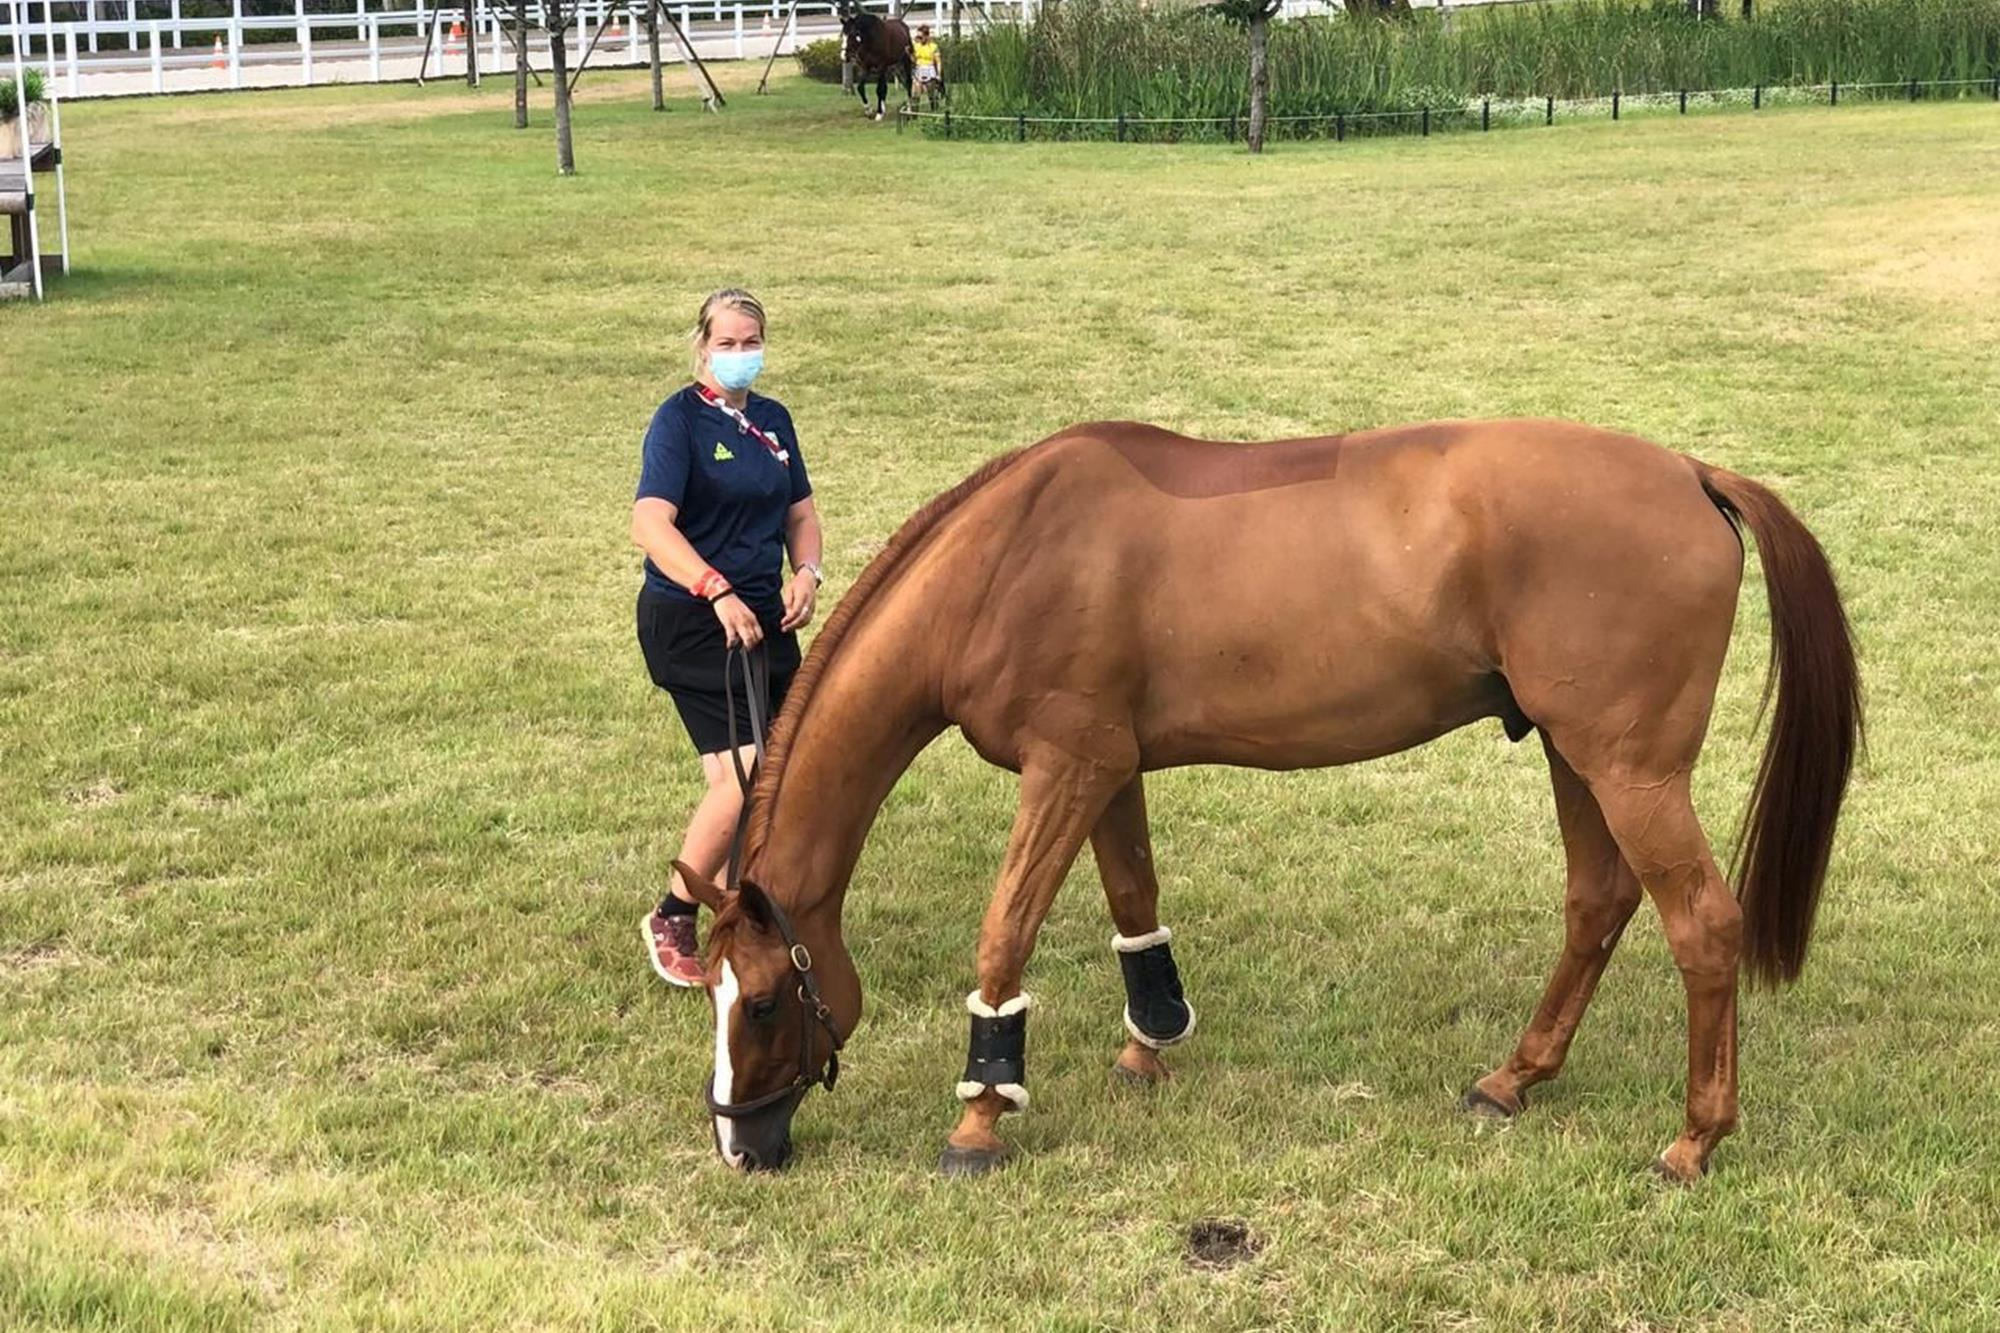 Cavalos do Time de Salto já estão em atividades em Tóquio